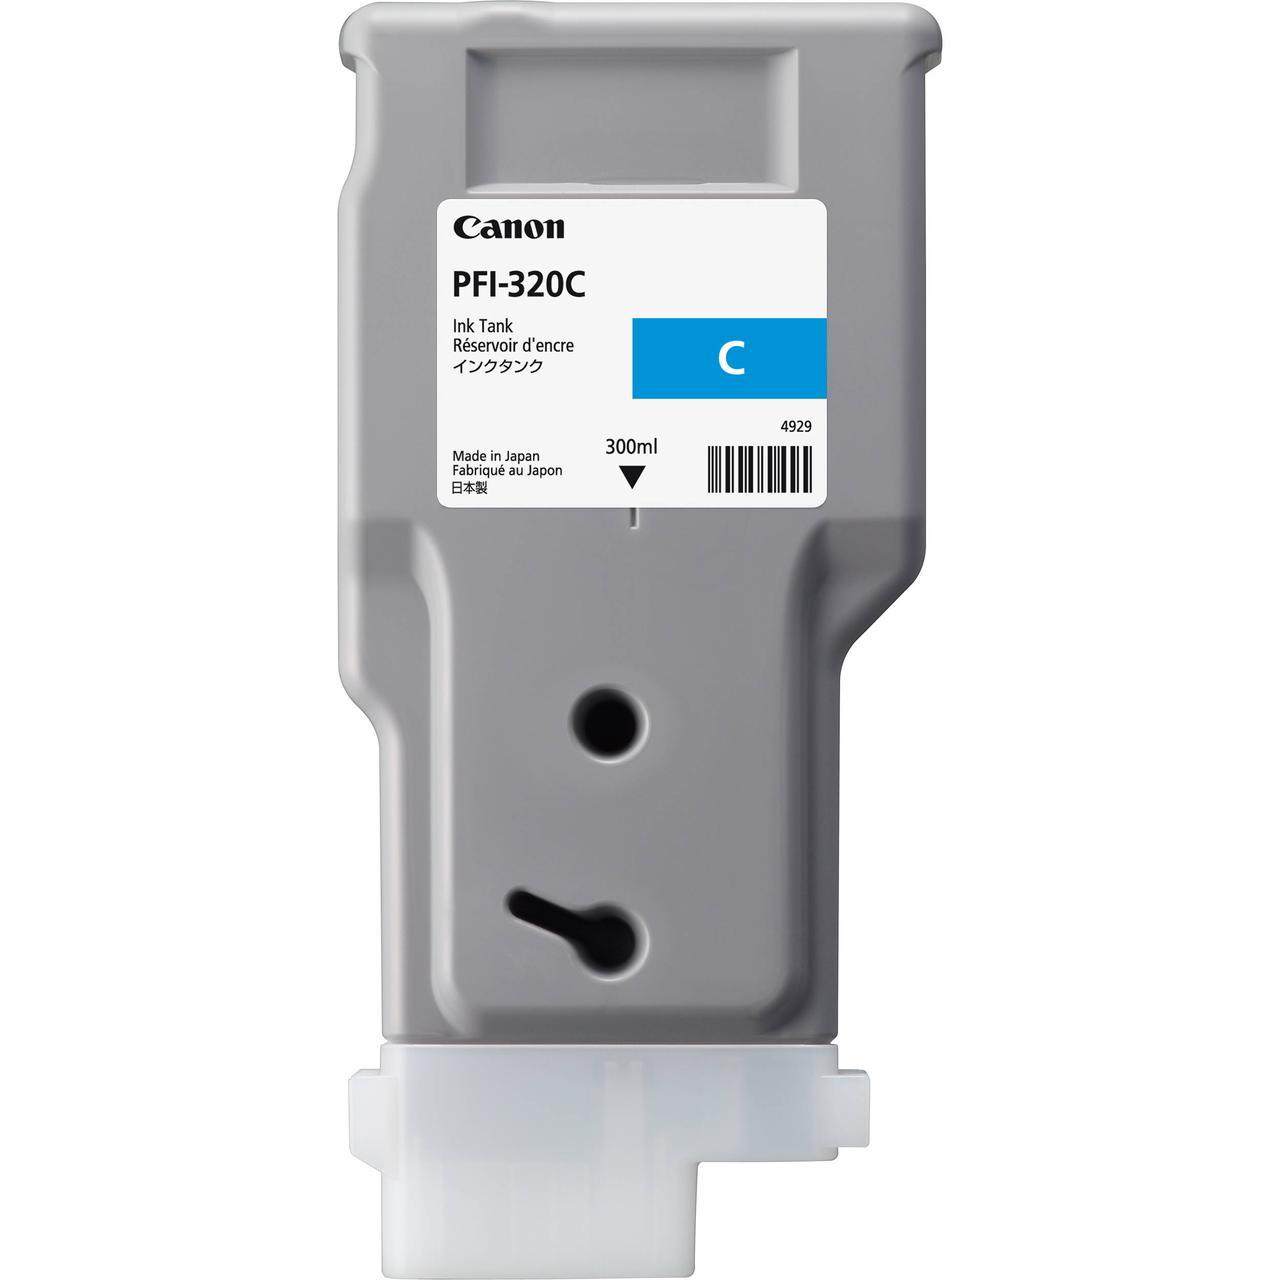 Картридж Canon PFI-320C для TM-200/300, Cyan, 300 мл